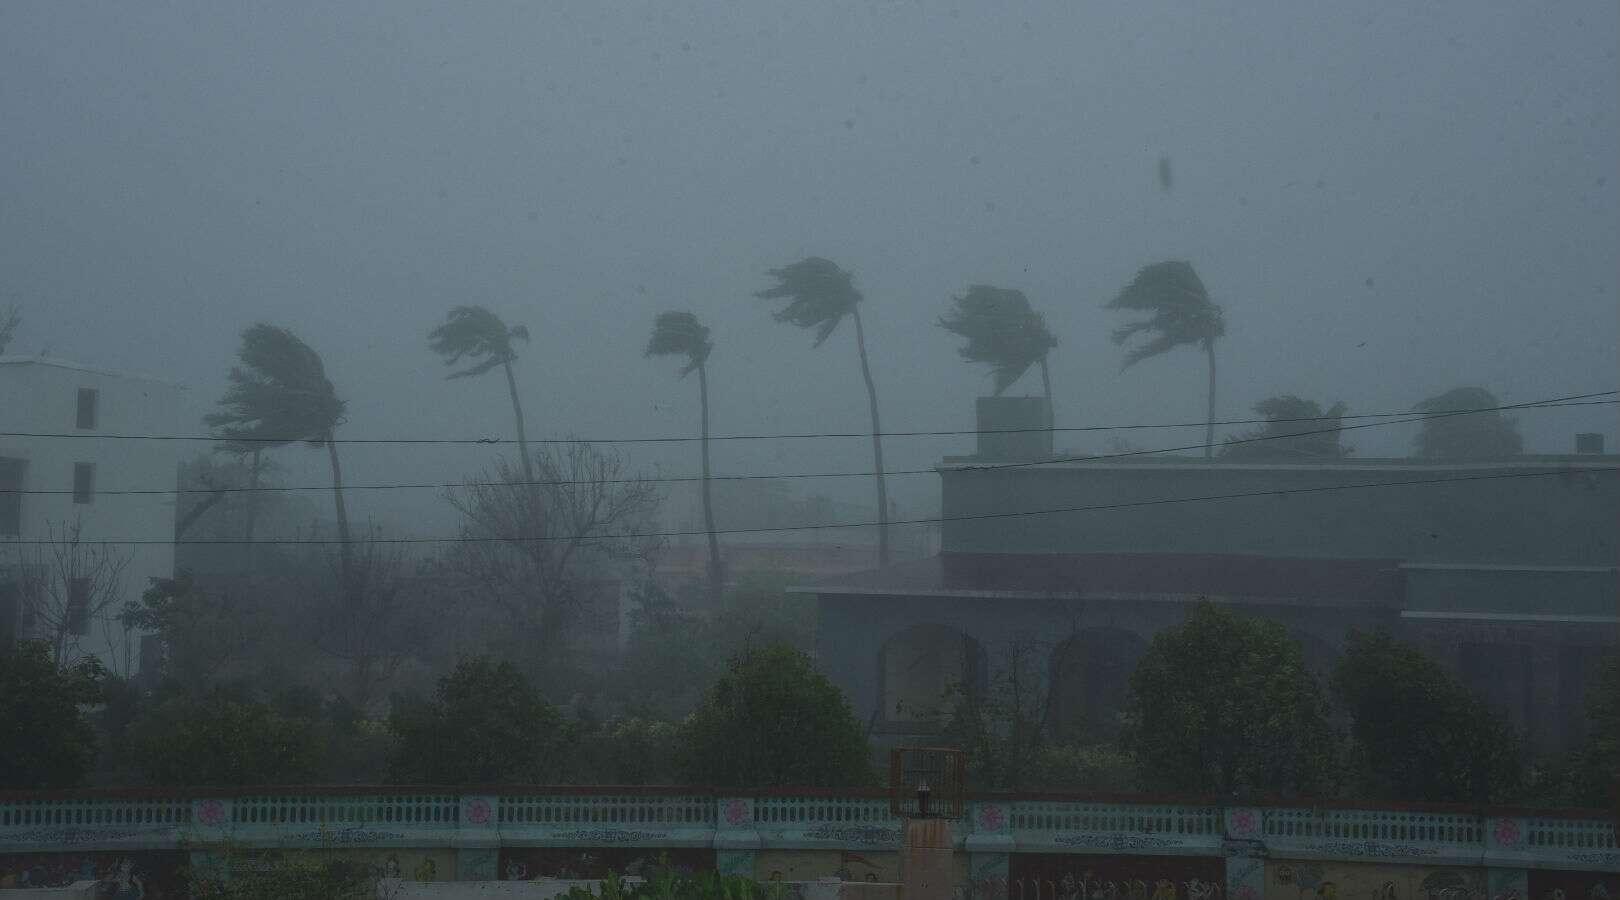 Cyclone Yaas Update: জানুন জেলায় জেলায় কী চলছে, রাজ্যের ৯ লক্ষ মানুষকে সরানো হল অন্যত্র